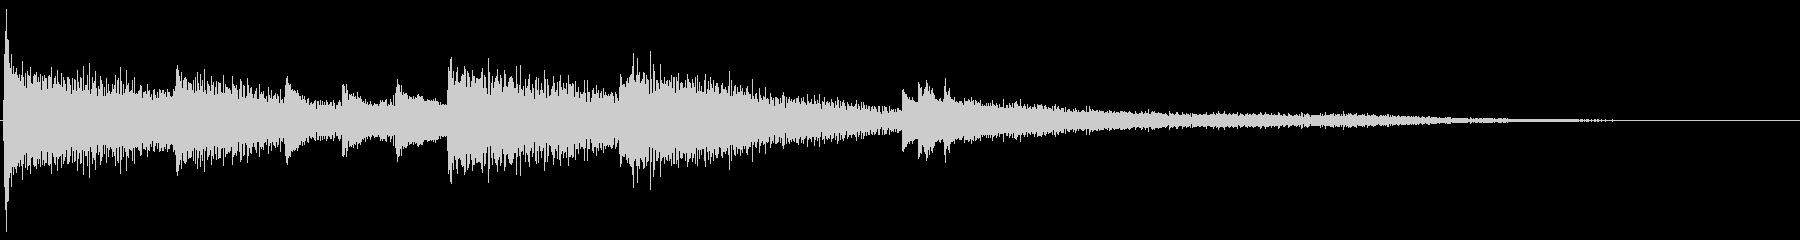 【生演奏】ピアノ連弾によるジングルの未再生の波形